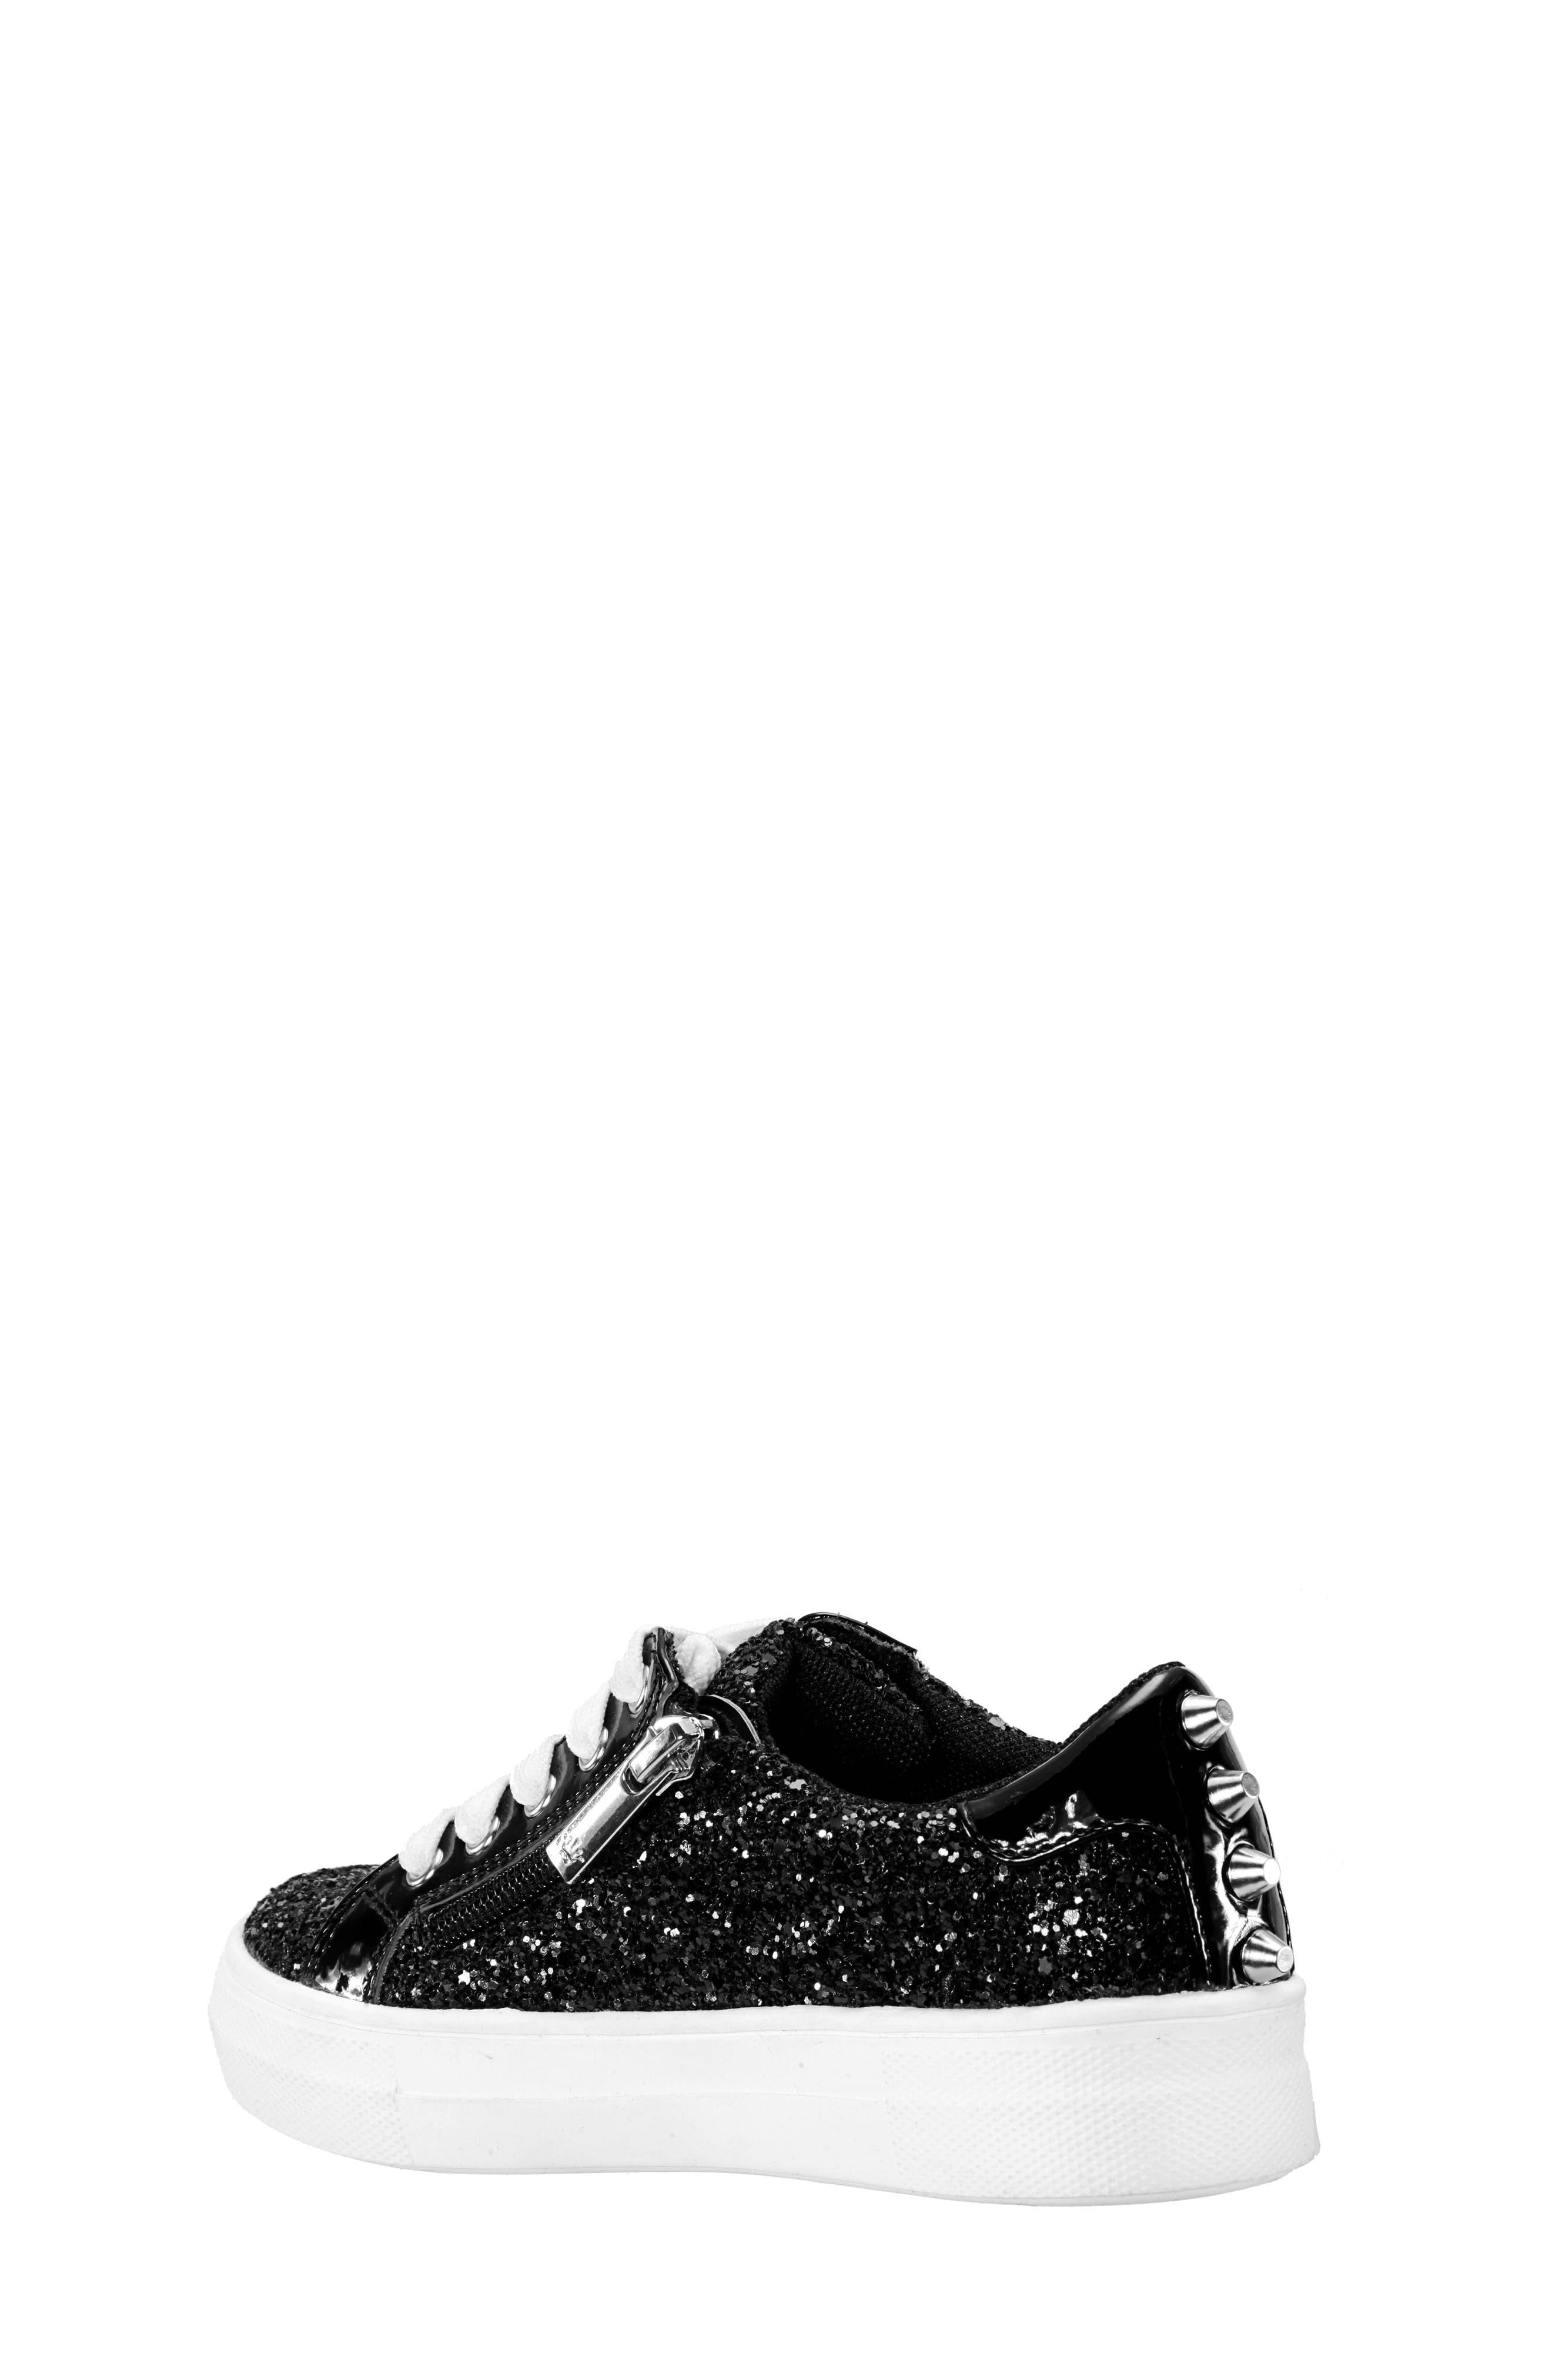 Hazeline-N Glitter Sneaker,                             Alternate thumbnail 2, color,                             BLACK CHUNKY GLITTER